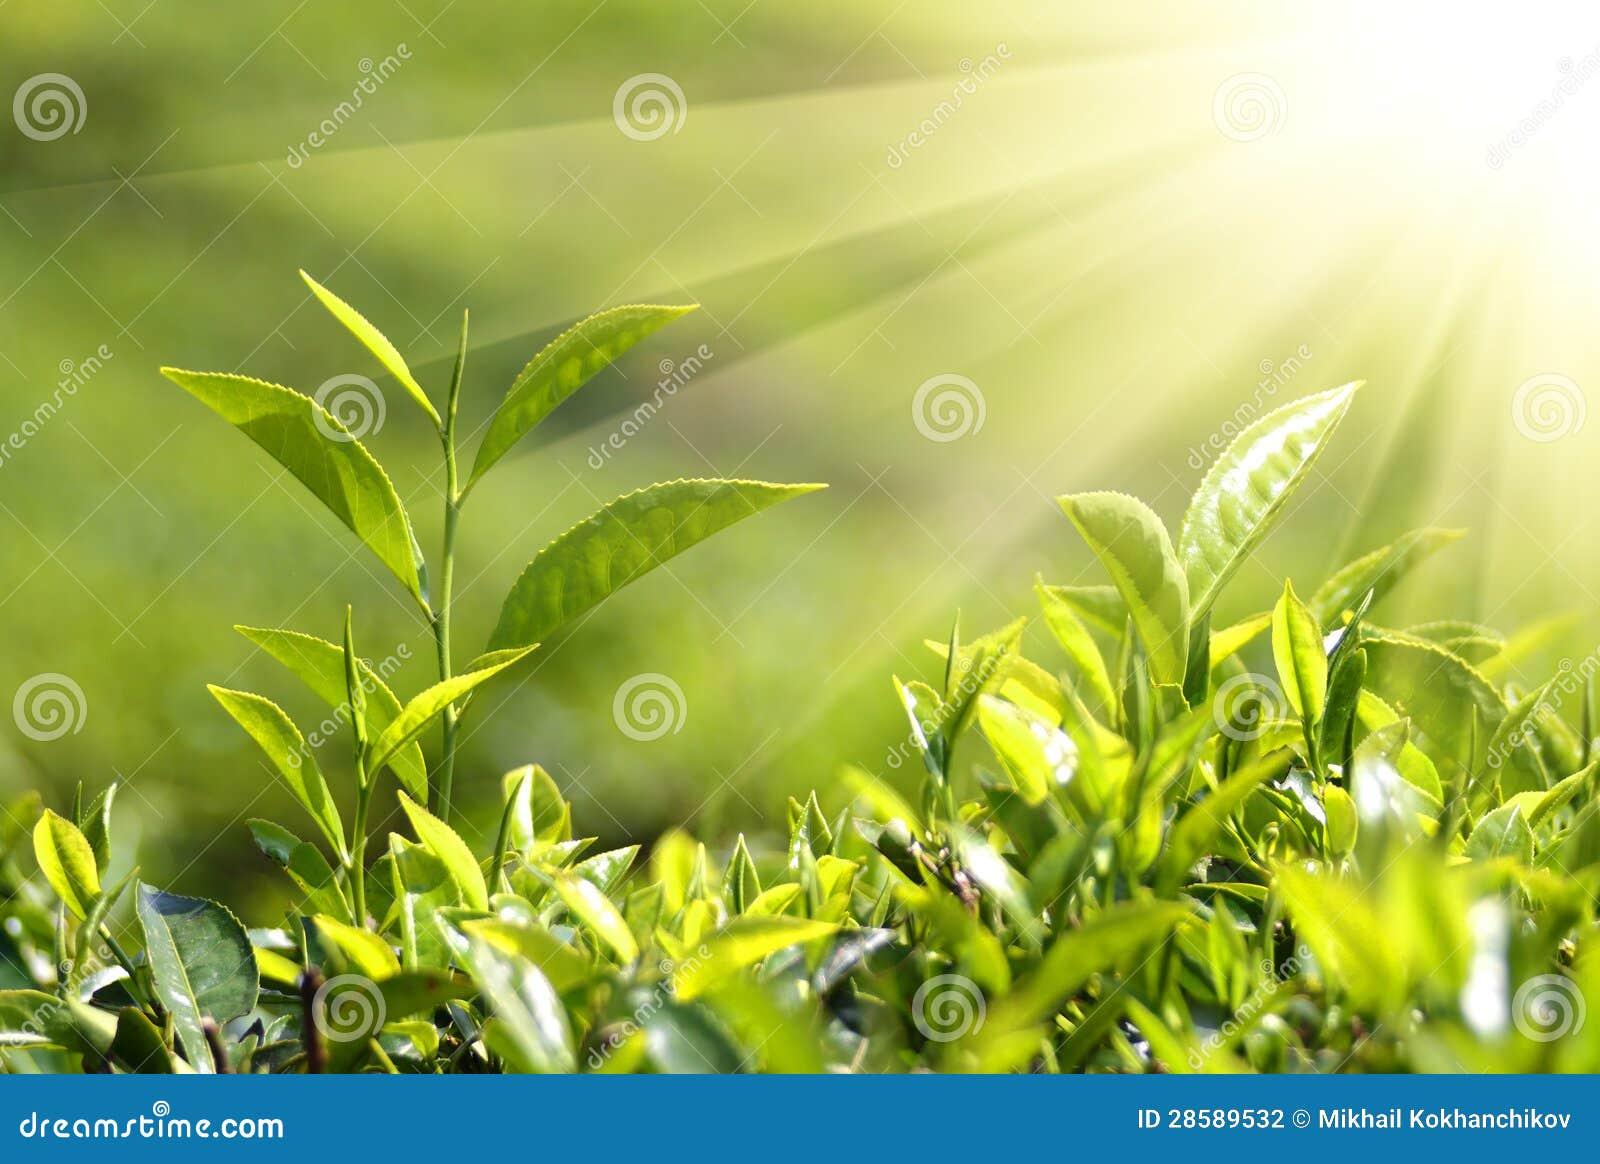 Plantas de t en rayos de sol fotograf a de archivo for Plantas para jardineras al sol